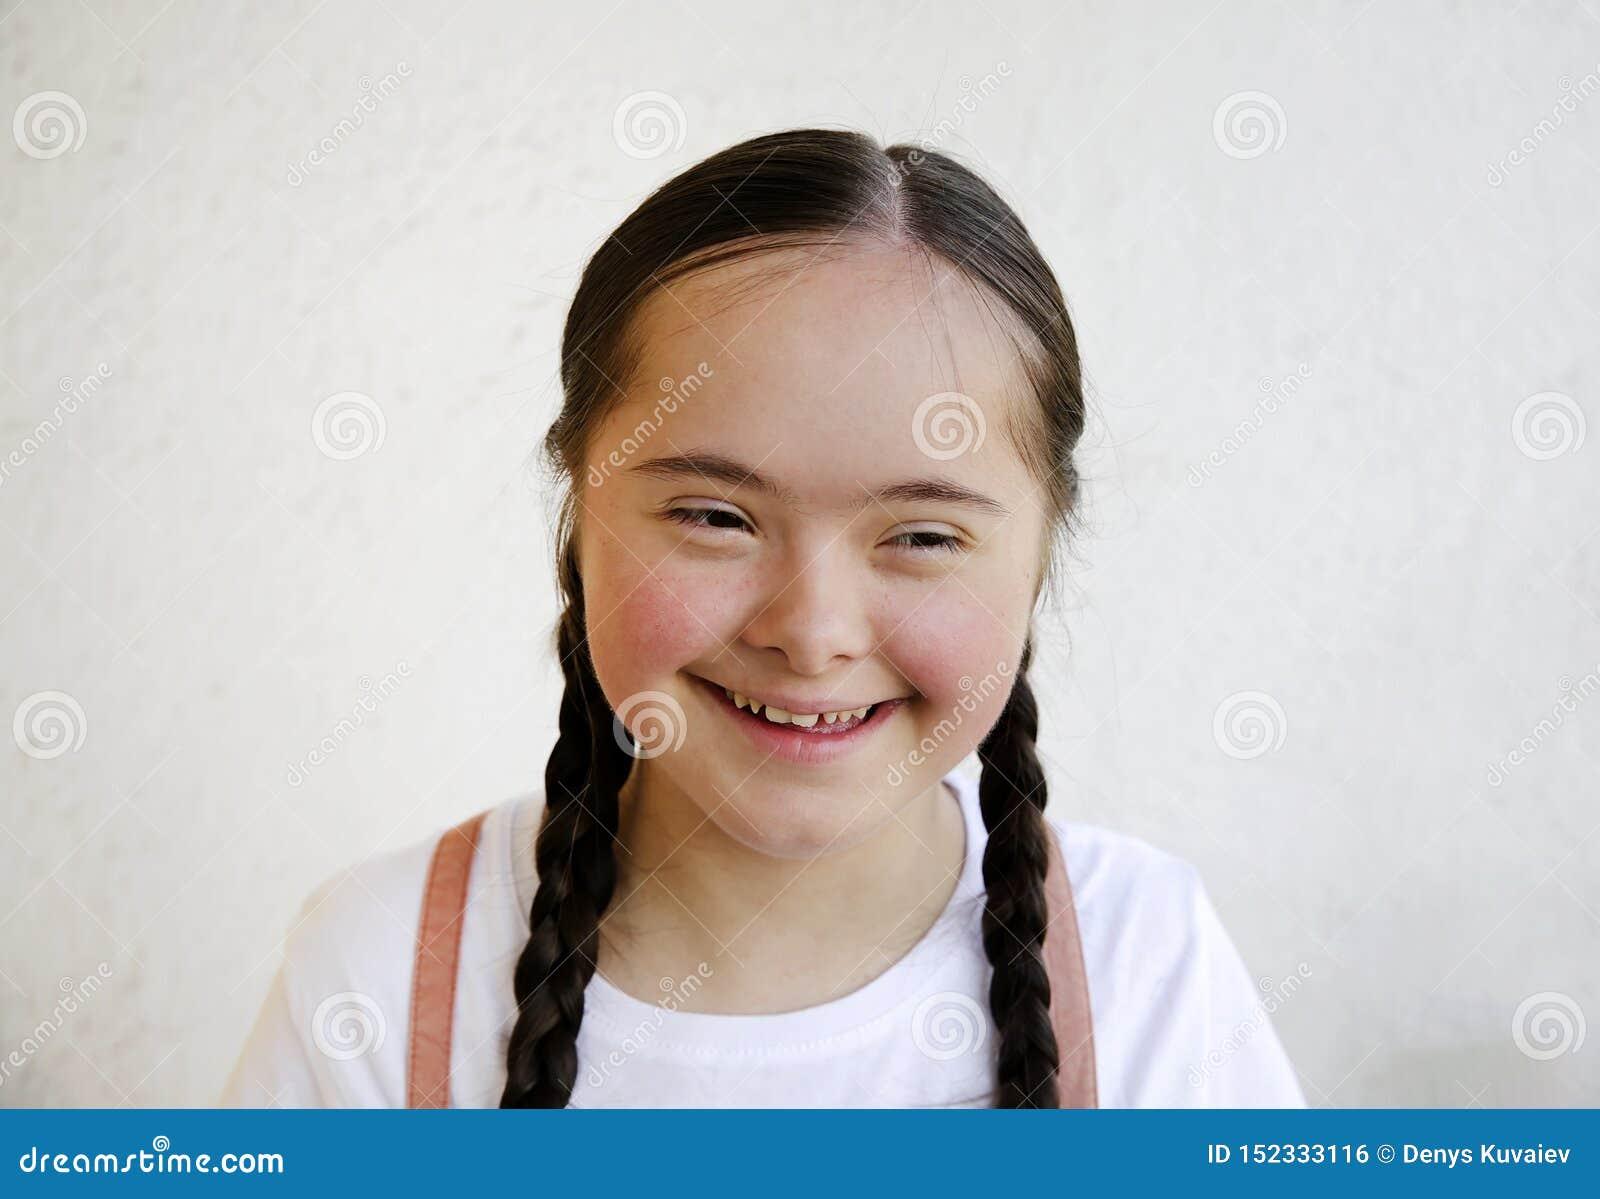 Ritratto della bambina che sorride sul fondo della parete